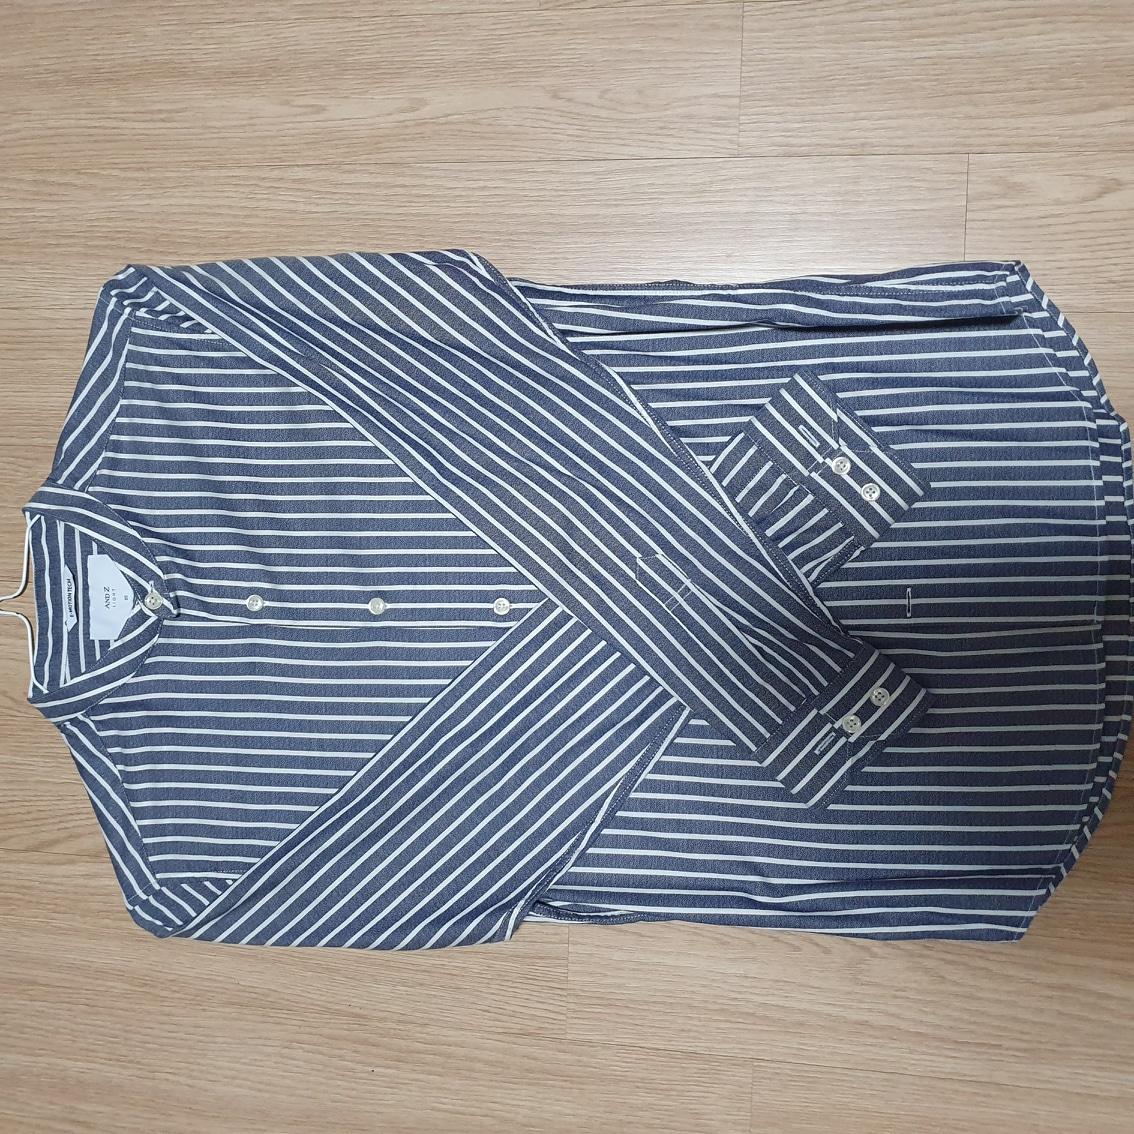 앤드지바이지오지아 셔츠95사이즈(3벌)